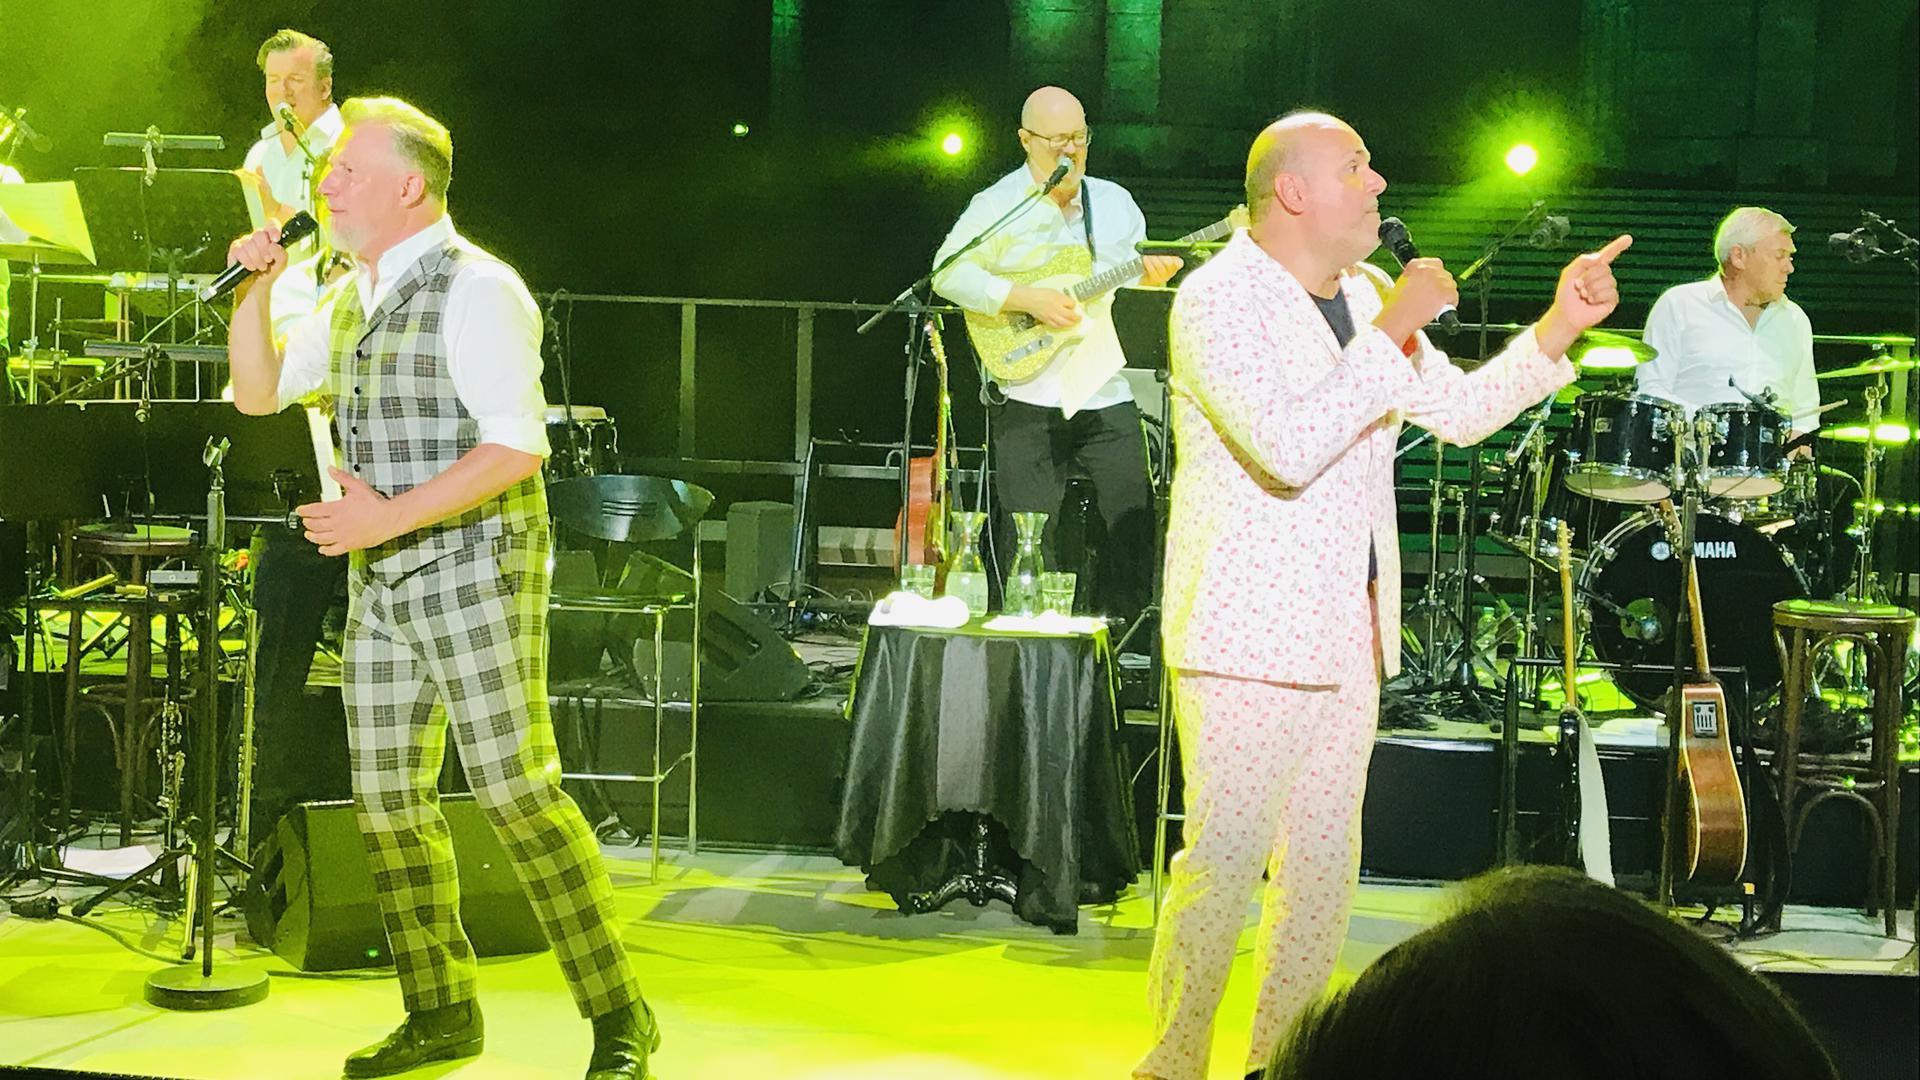 Wollen künftig getrennte Wege gehen: Marc Marshall (links) und sein Gesangspartner Jay Alexander, die als Marshall & Alexander gemeinsam Karriere machten. Im nächsten Jahr soll es eine Abschiedstournee geben.